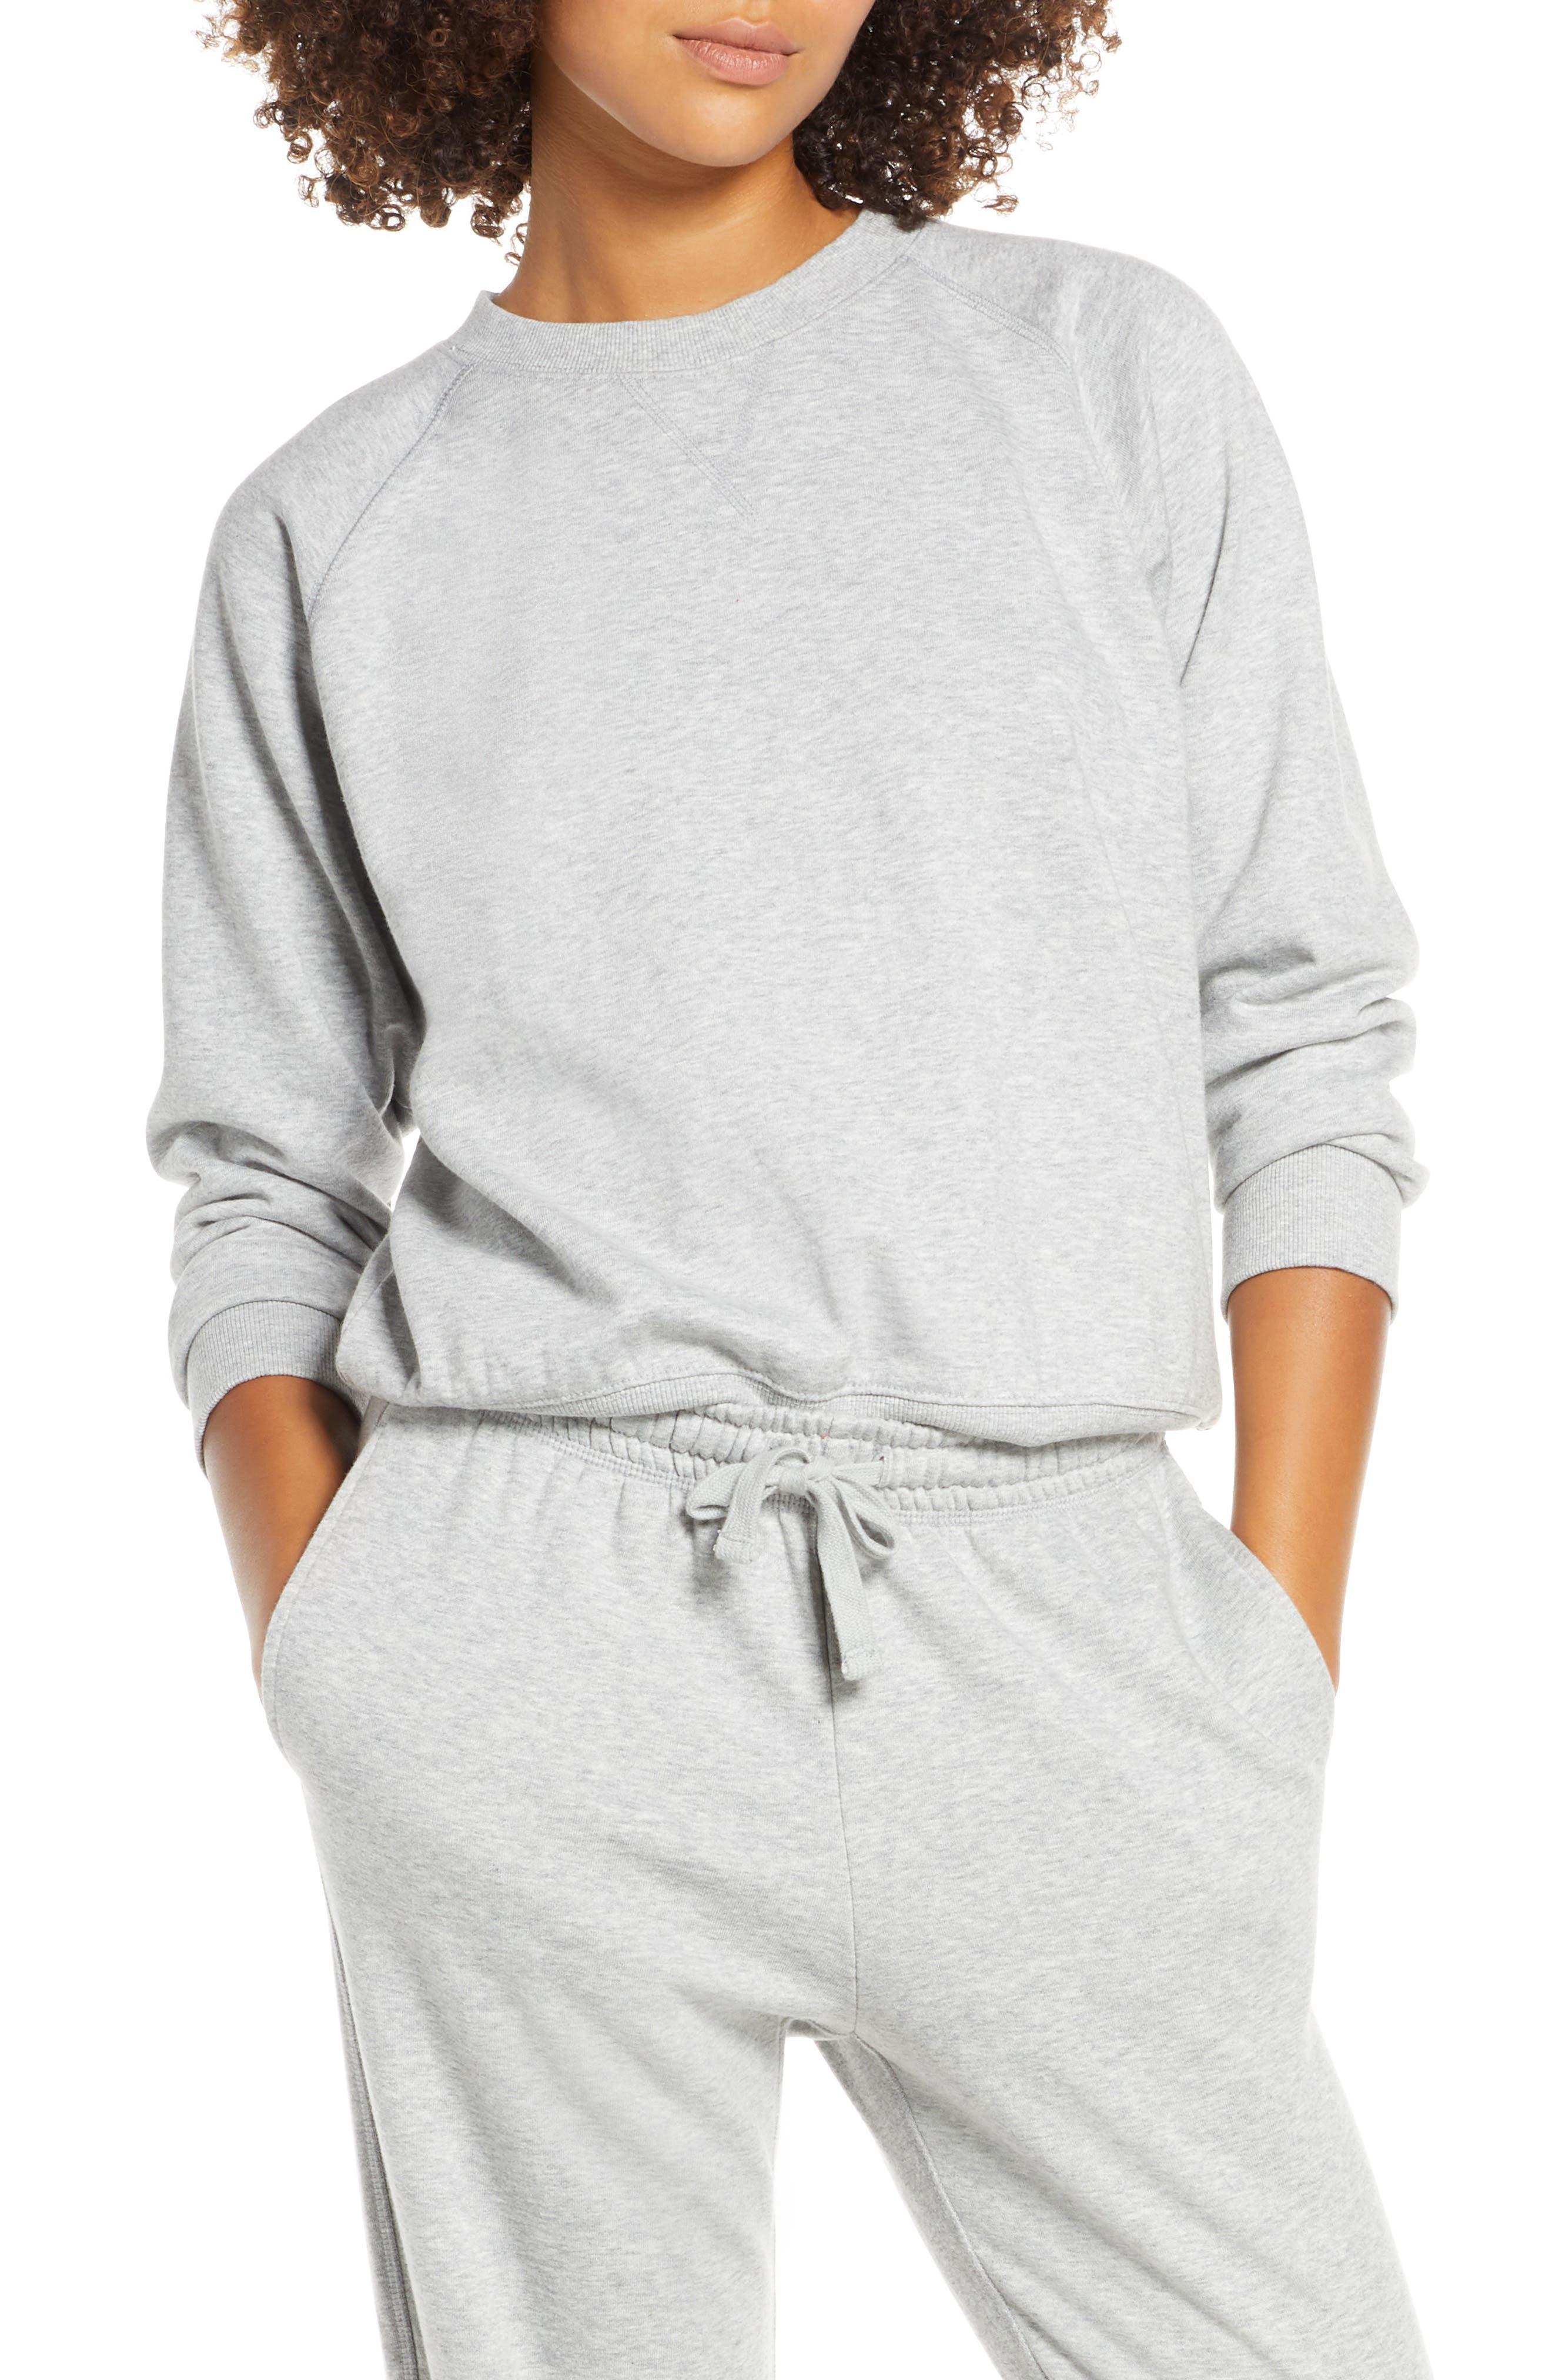 Richer Poorer Sweatshirt, Grey